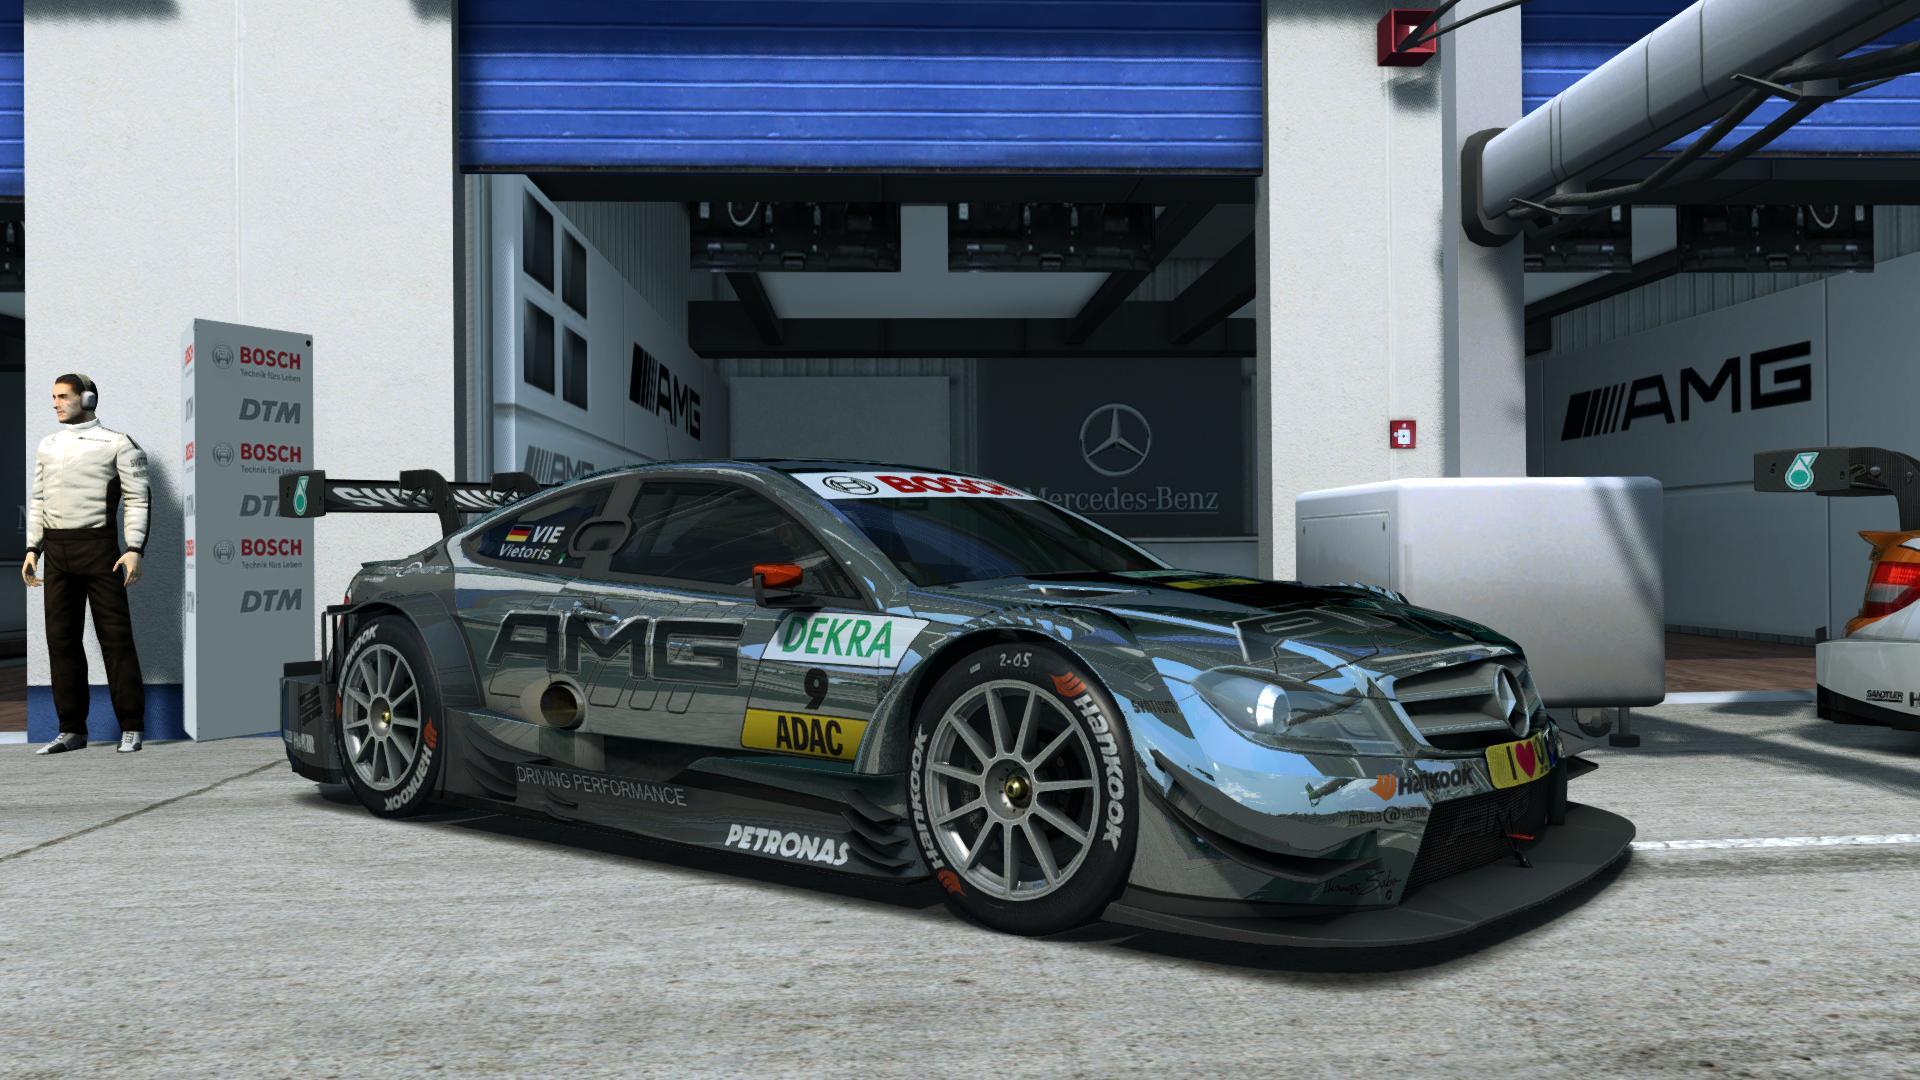 Mercedes AMG DTM - Oschersleben